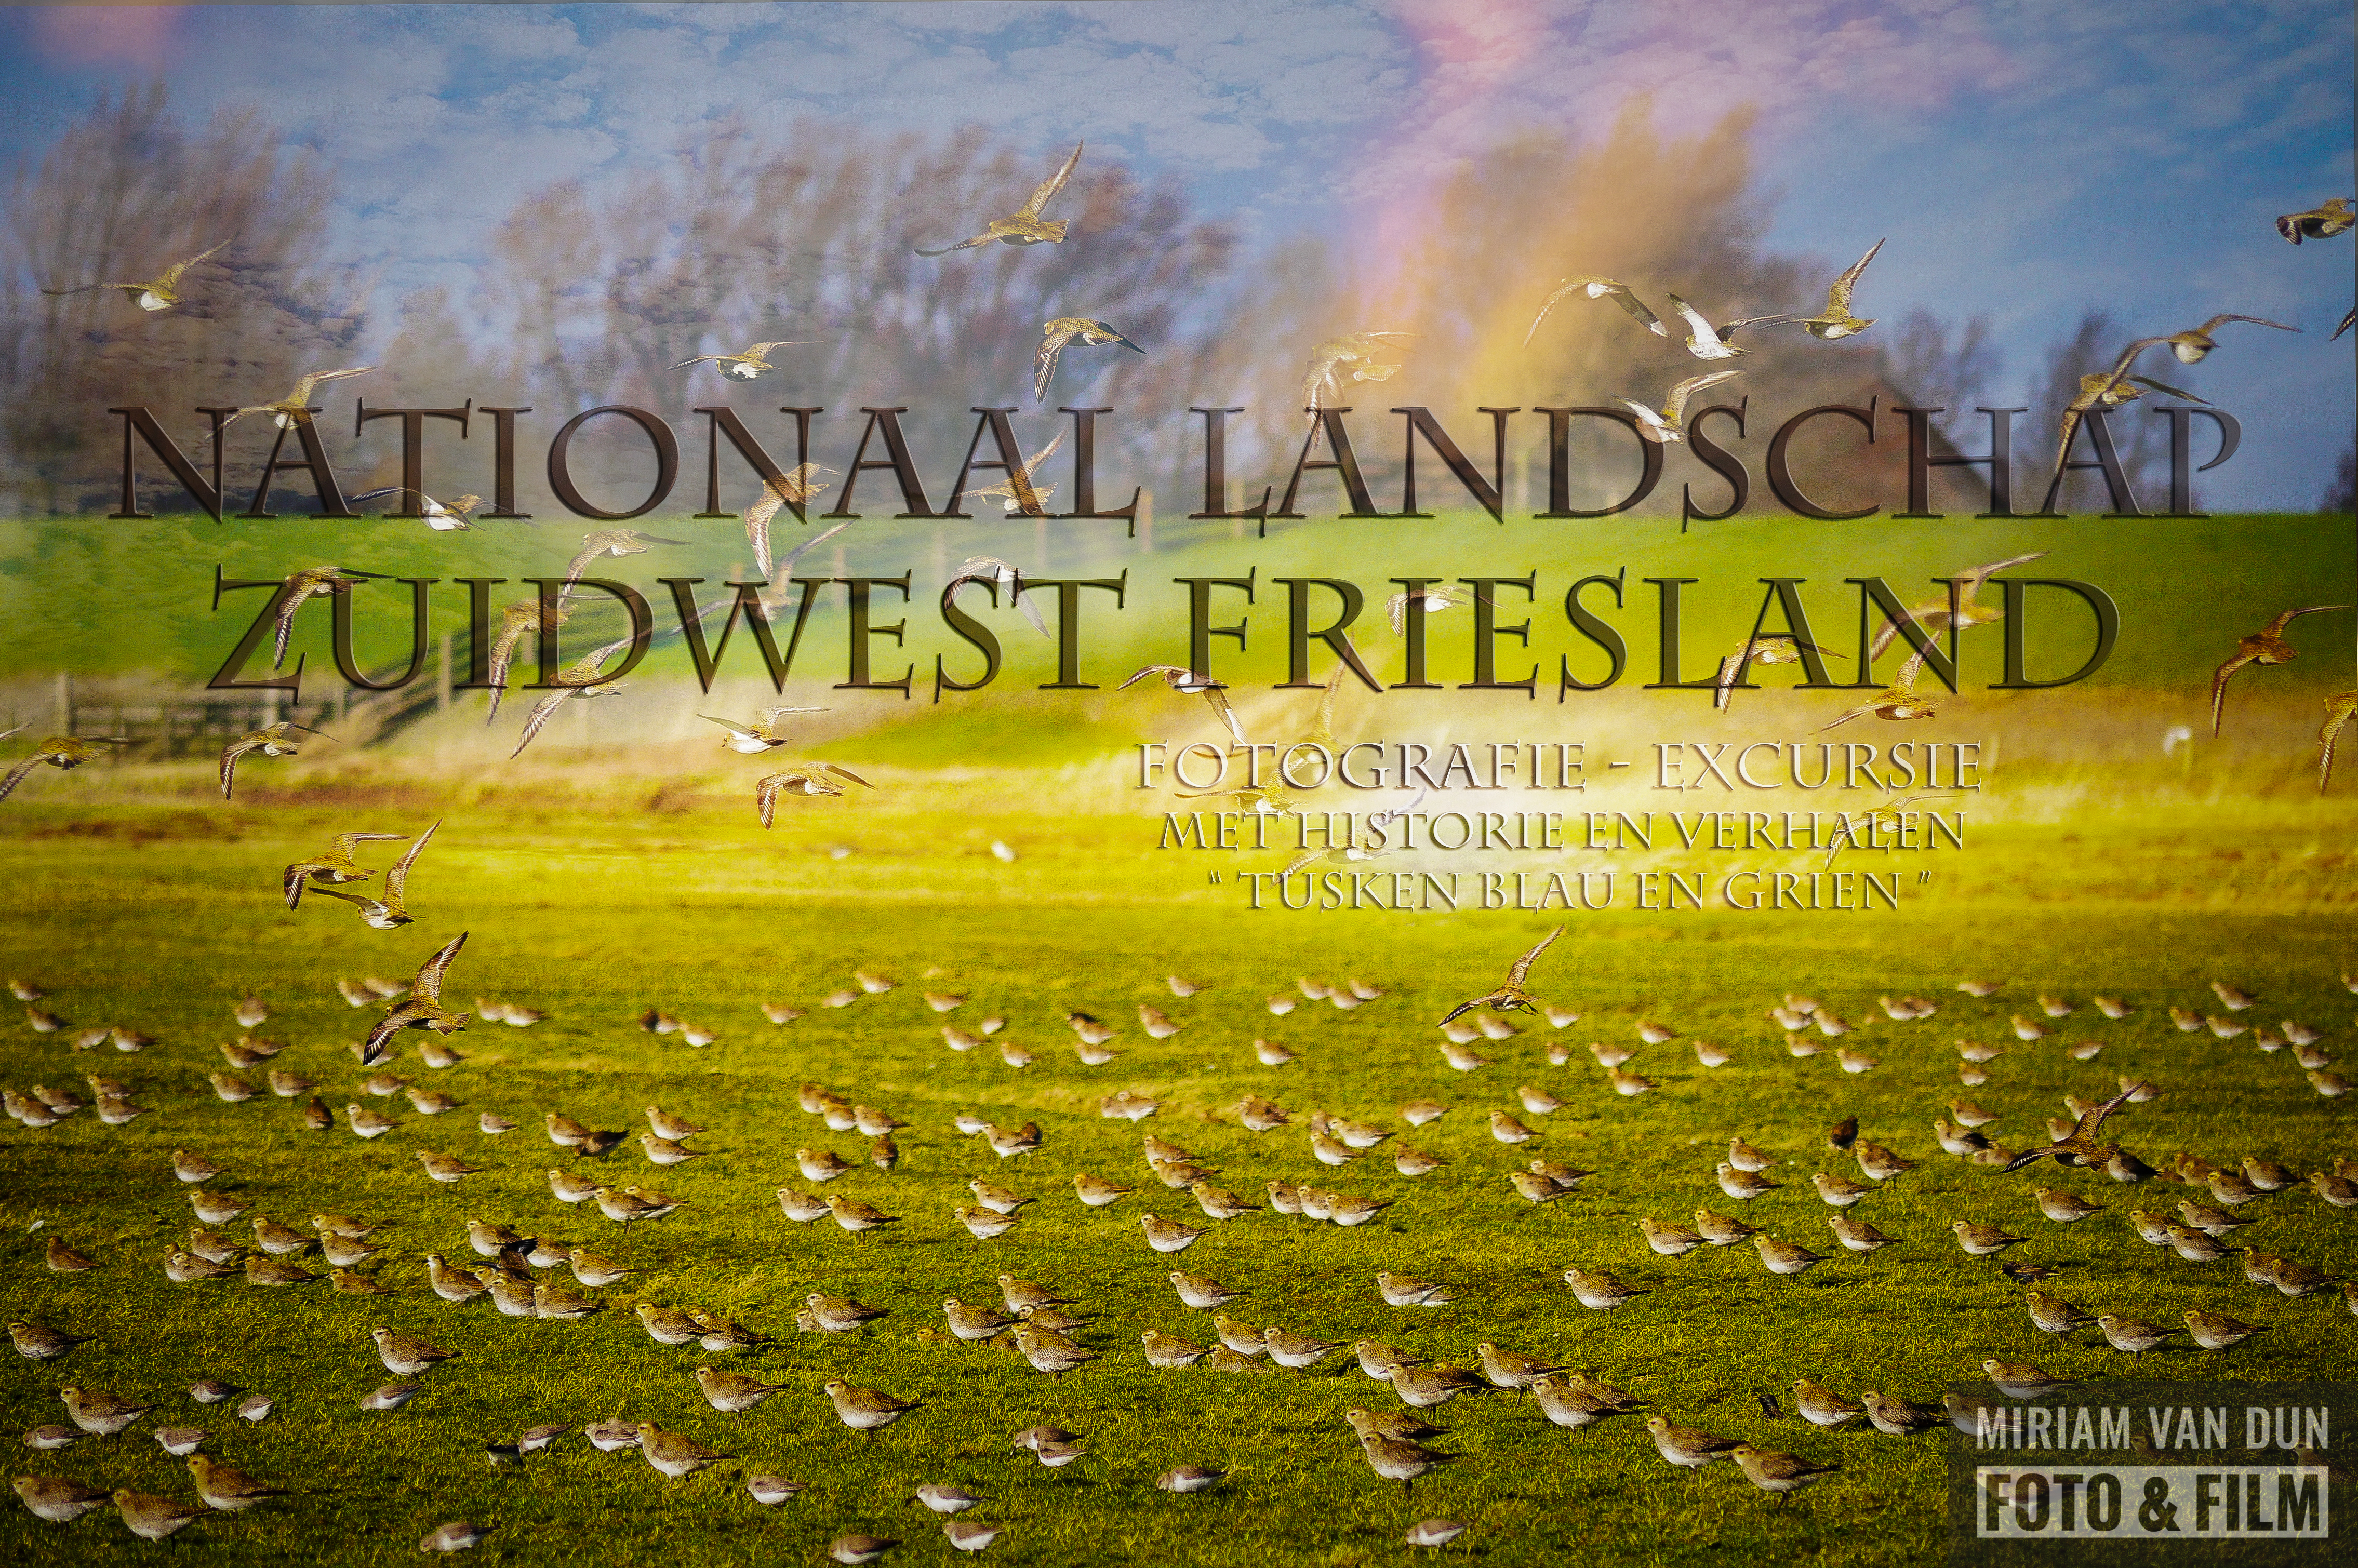 Fotografie Excursie Zuidwest Friesland